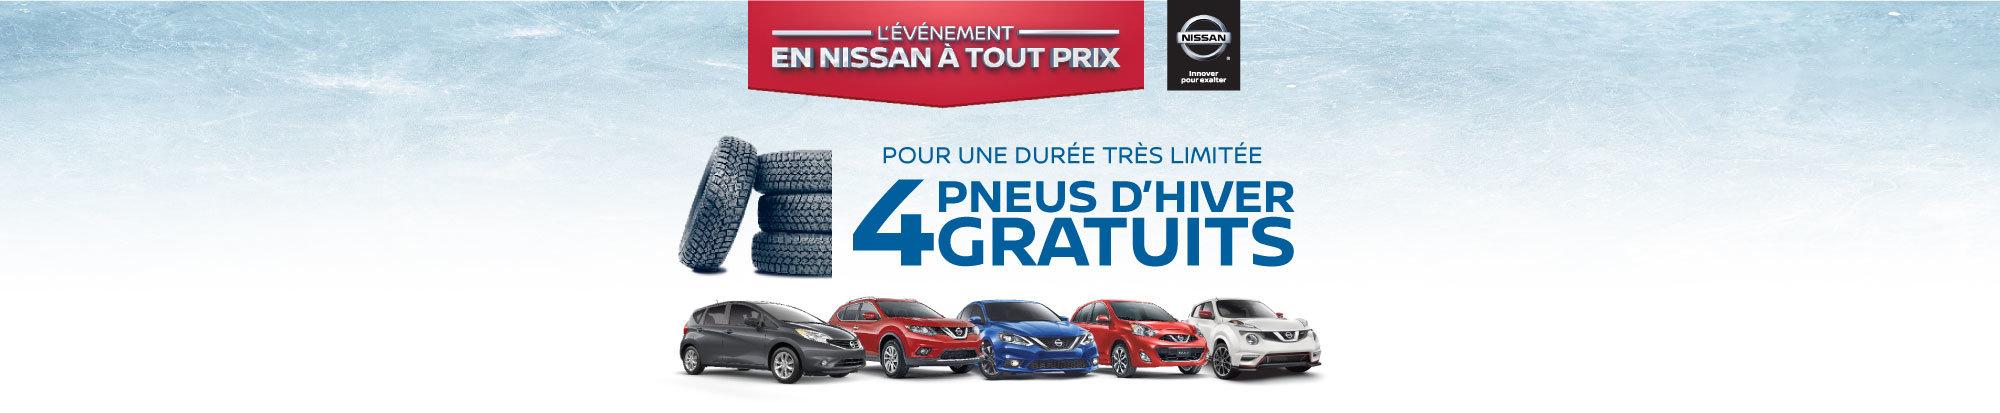 Pneus d'hiver gratuit avec Nissan